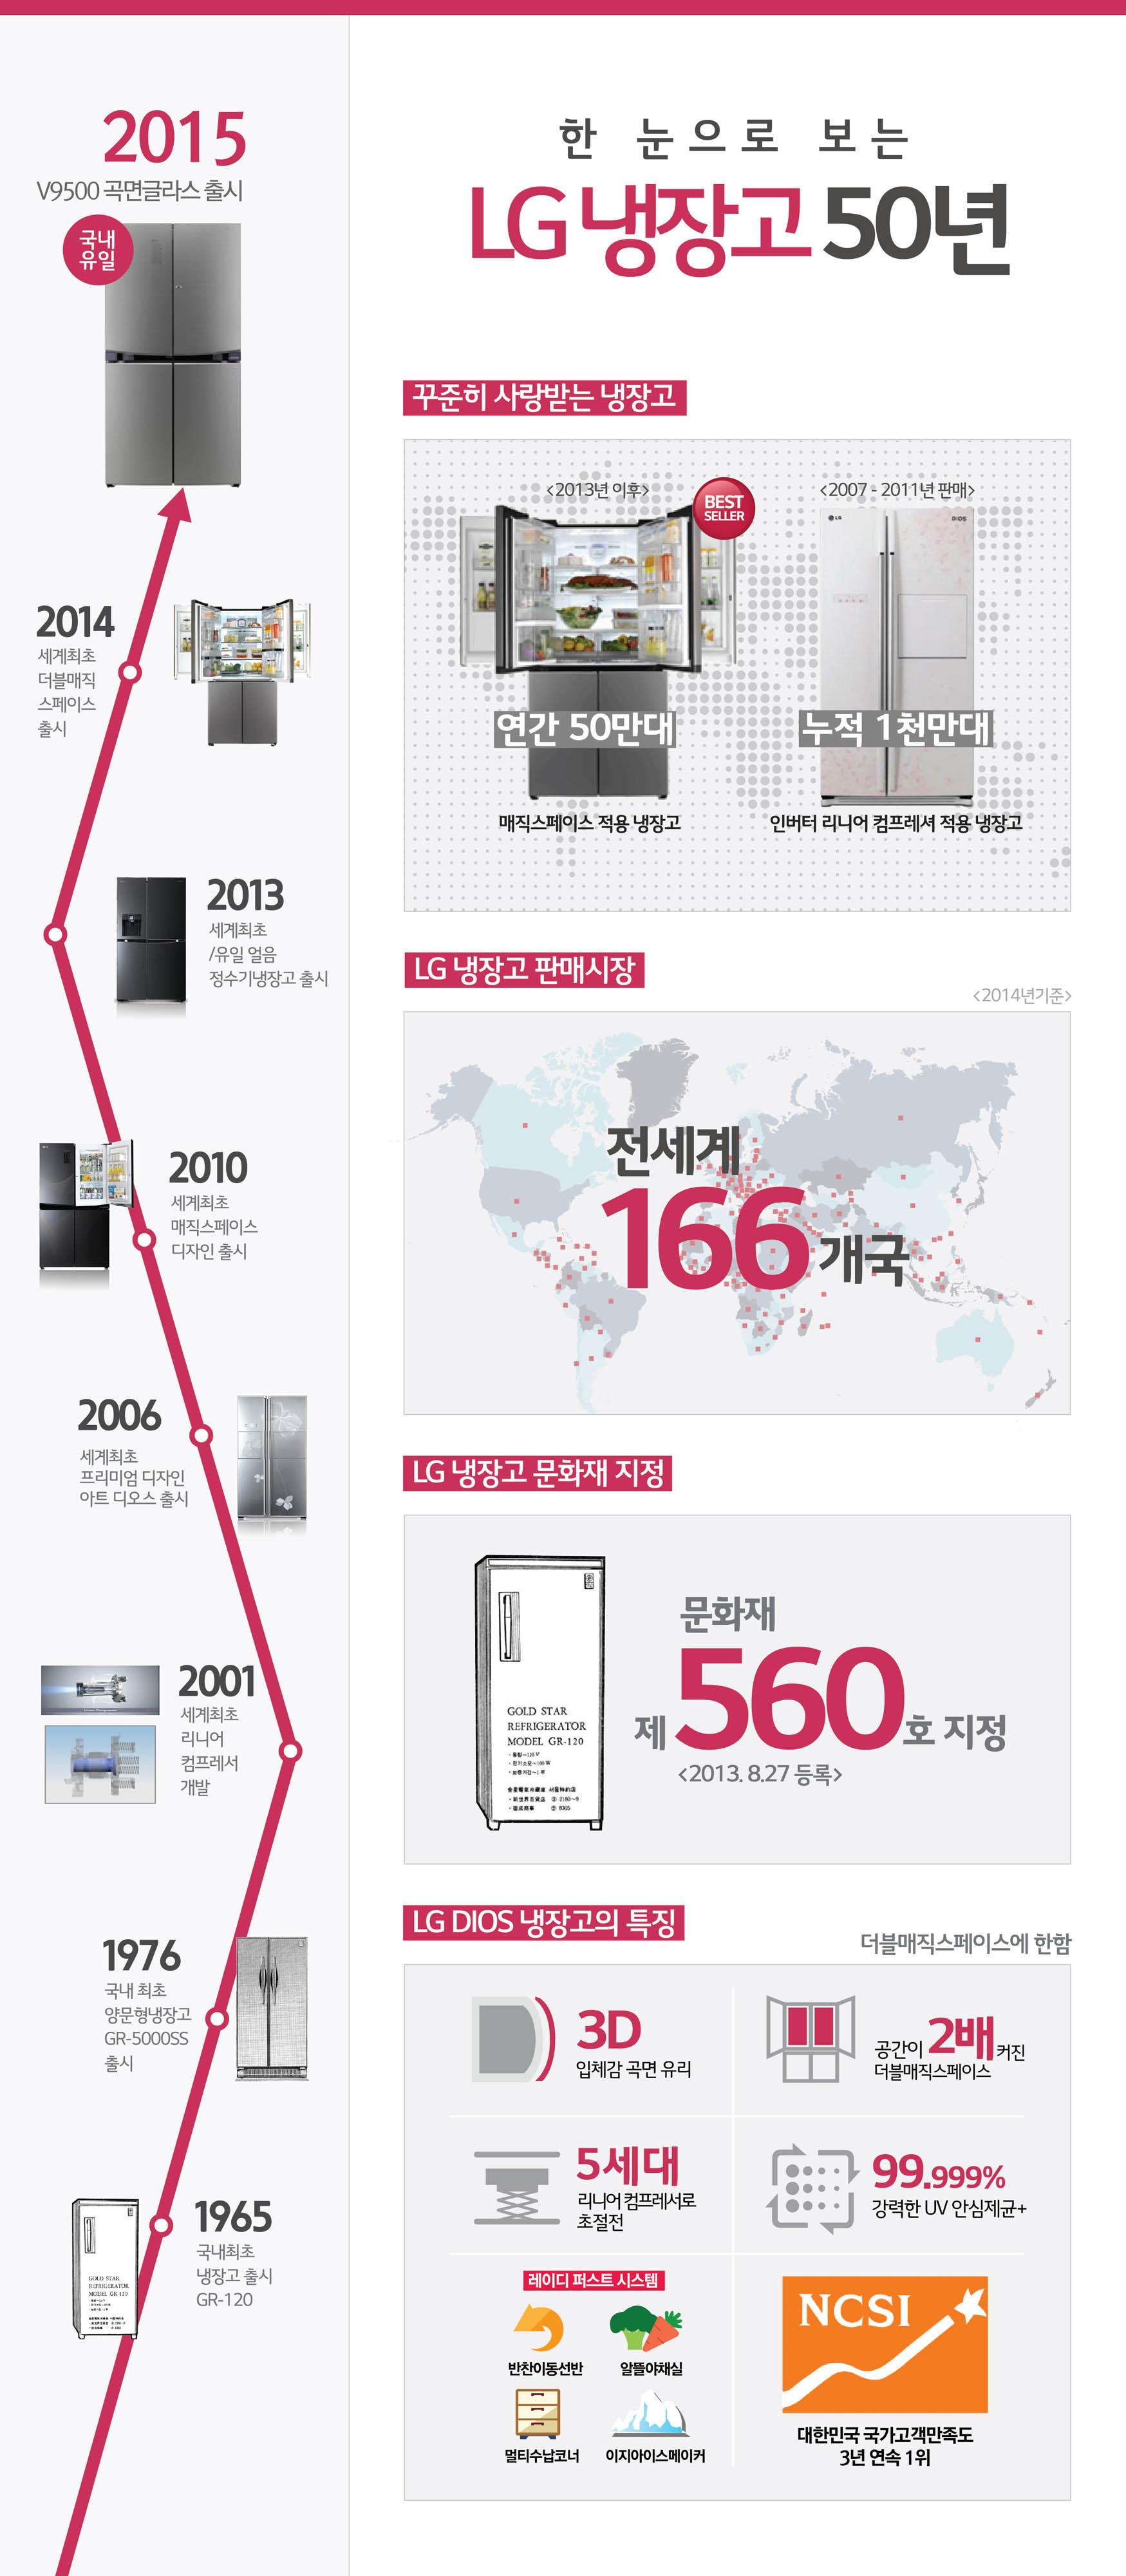 한 눈으로 보는 LG 냉장고 50년